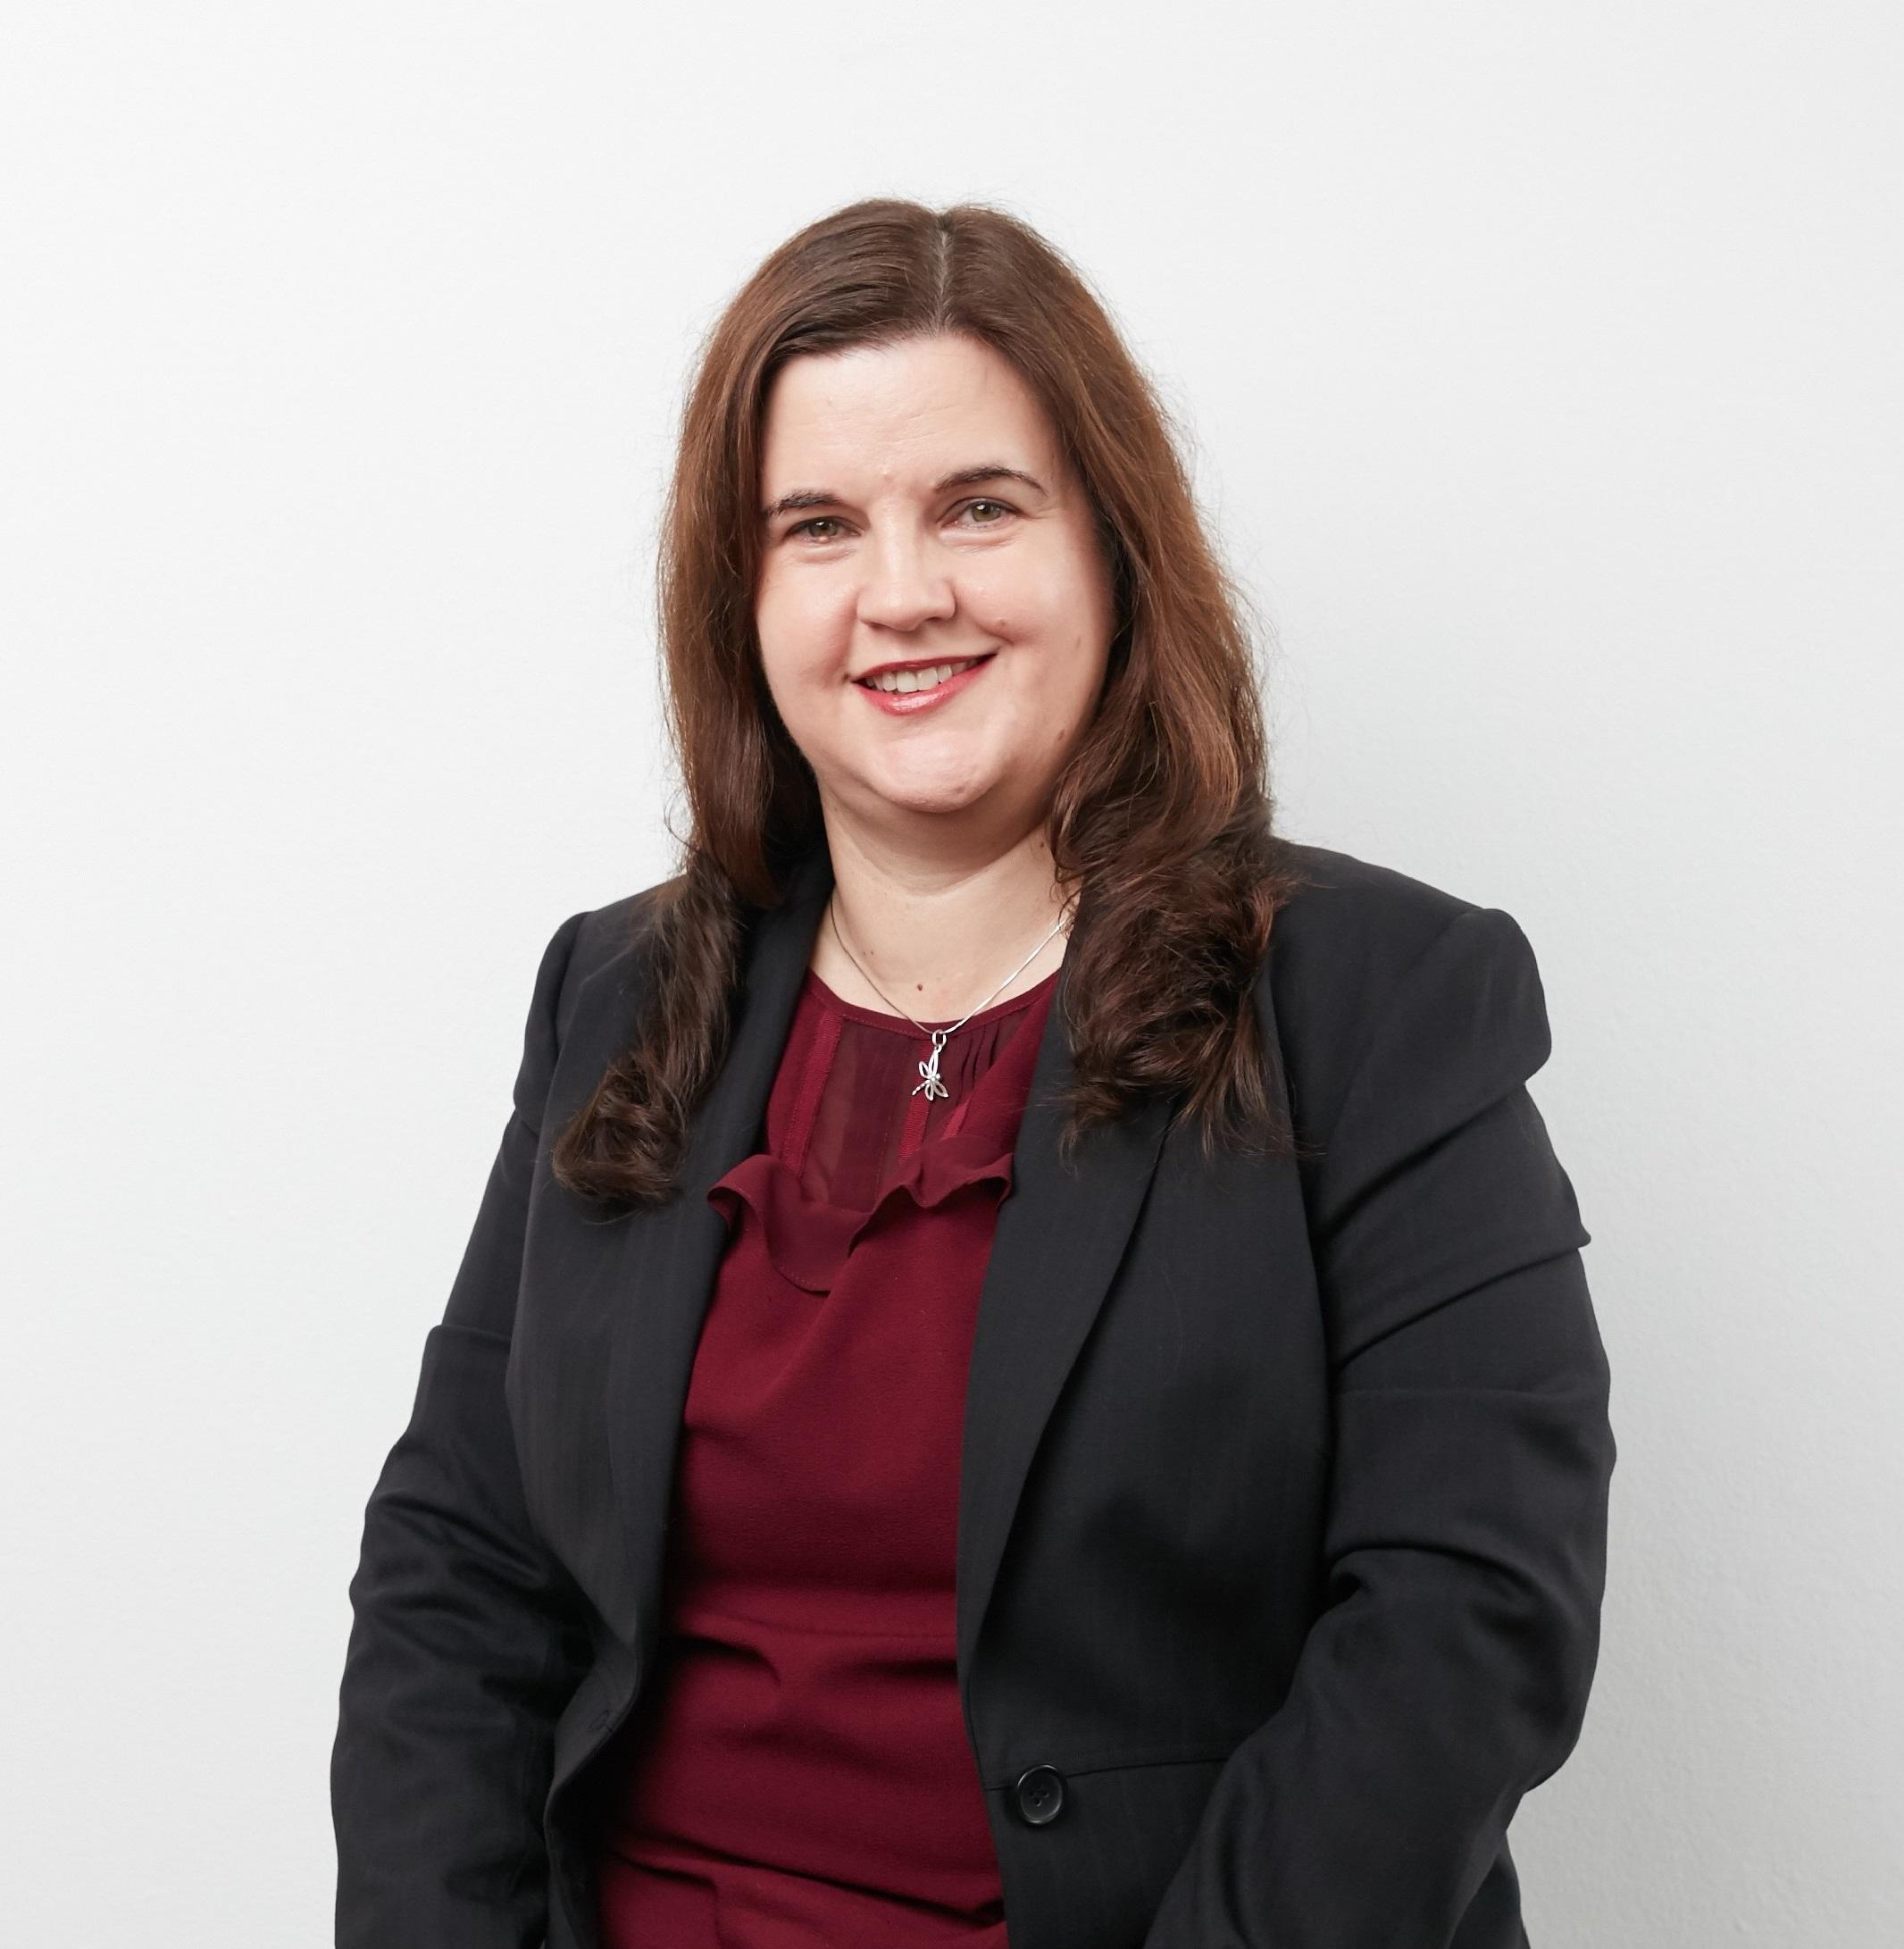 Kate Horner - Senior ConsultantLinked In